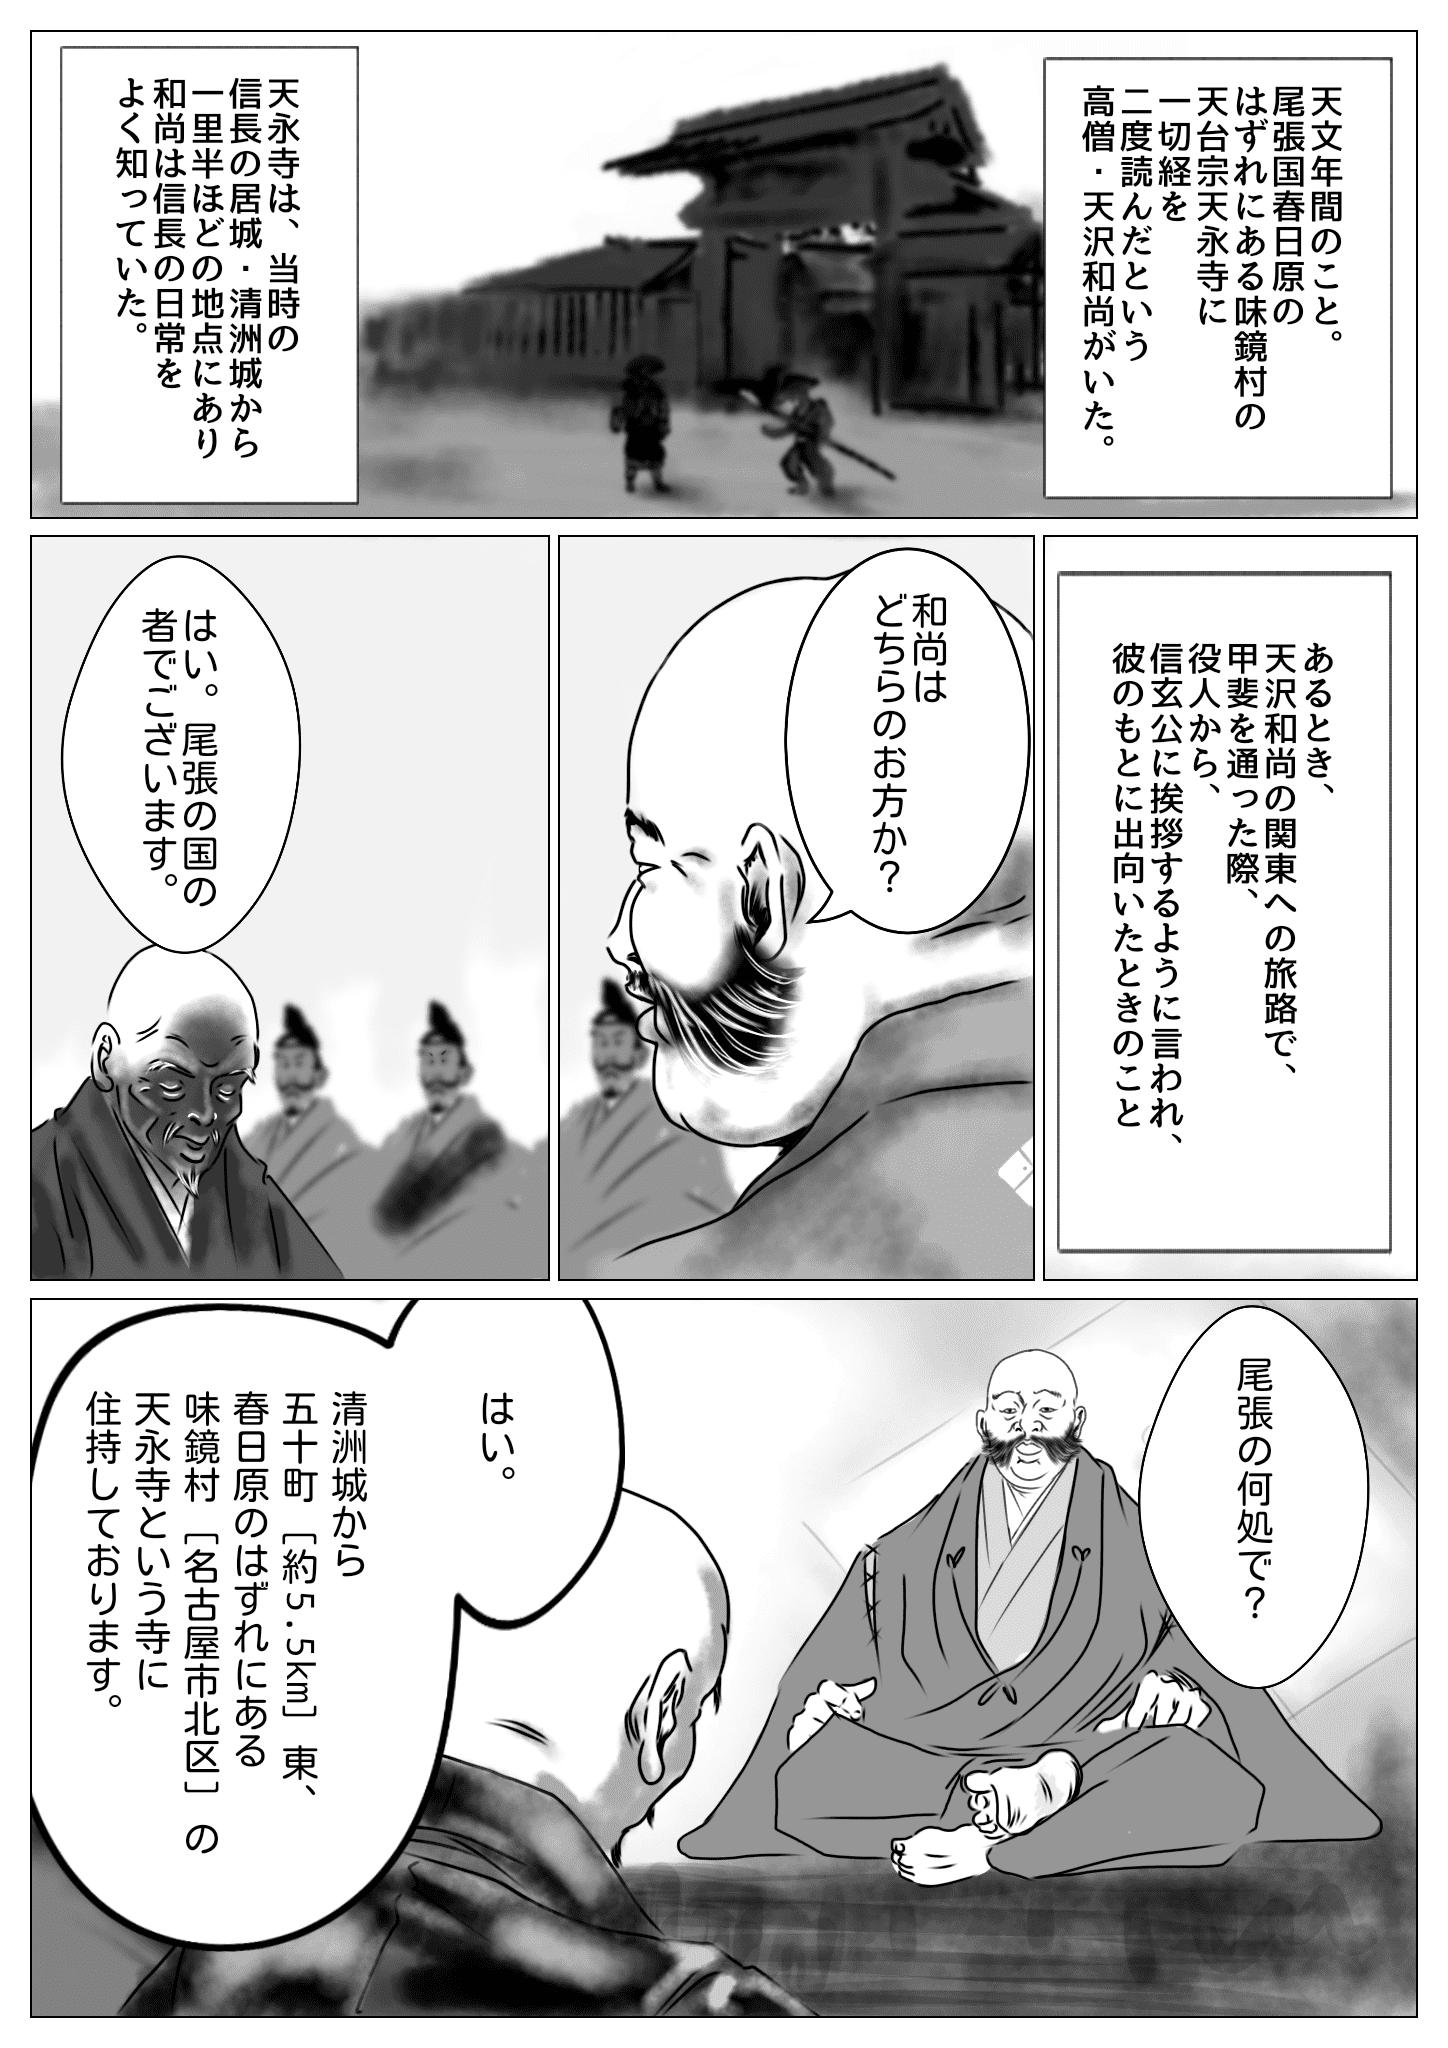 信長の日常を語る師僧天沢 1ページ